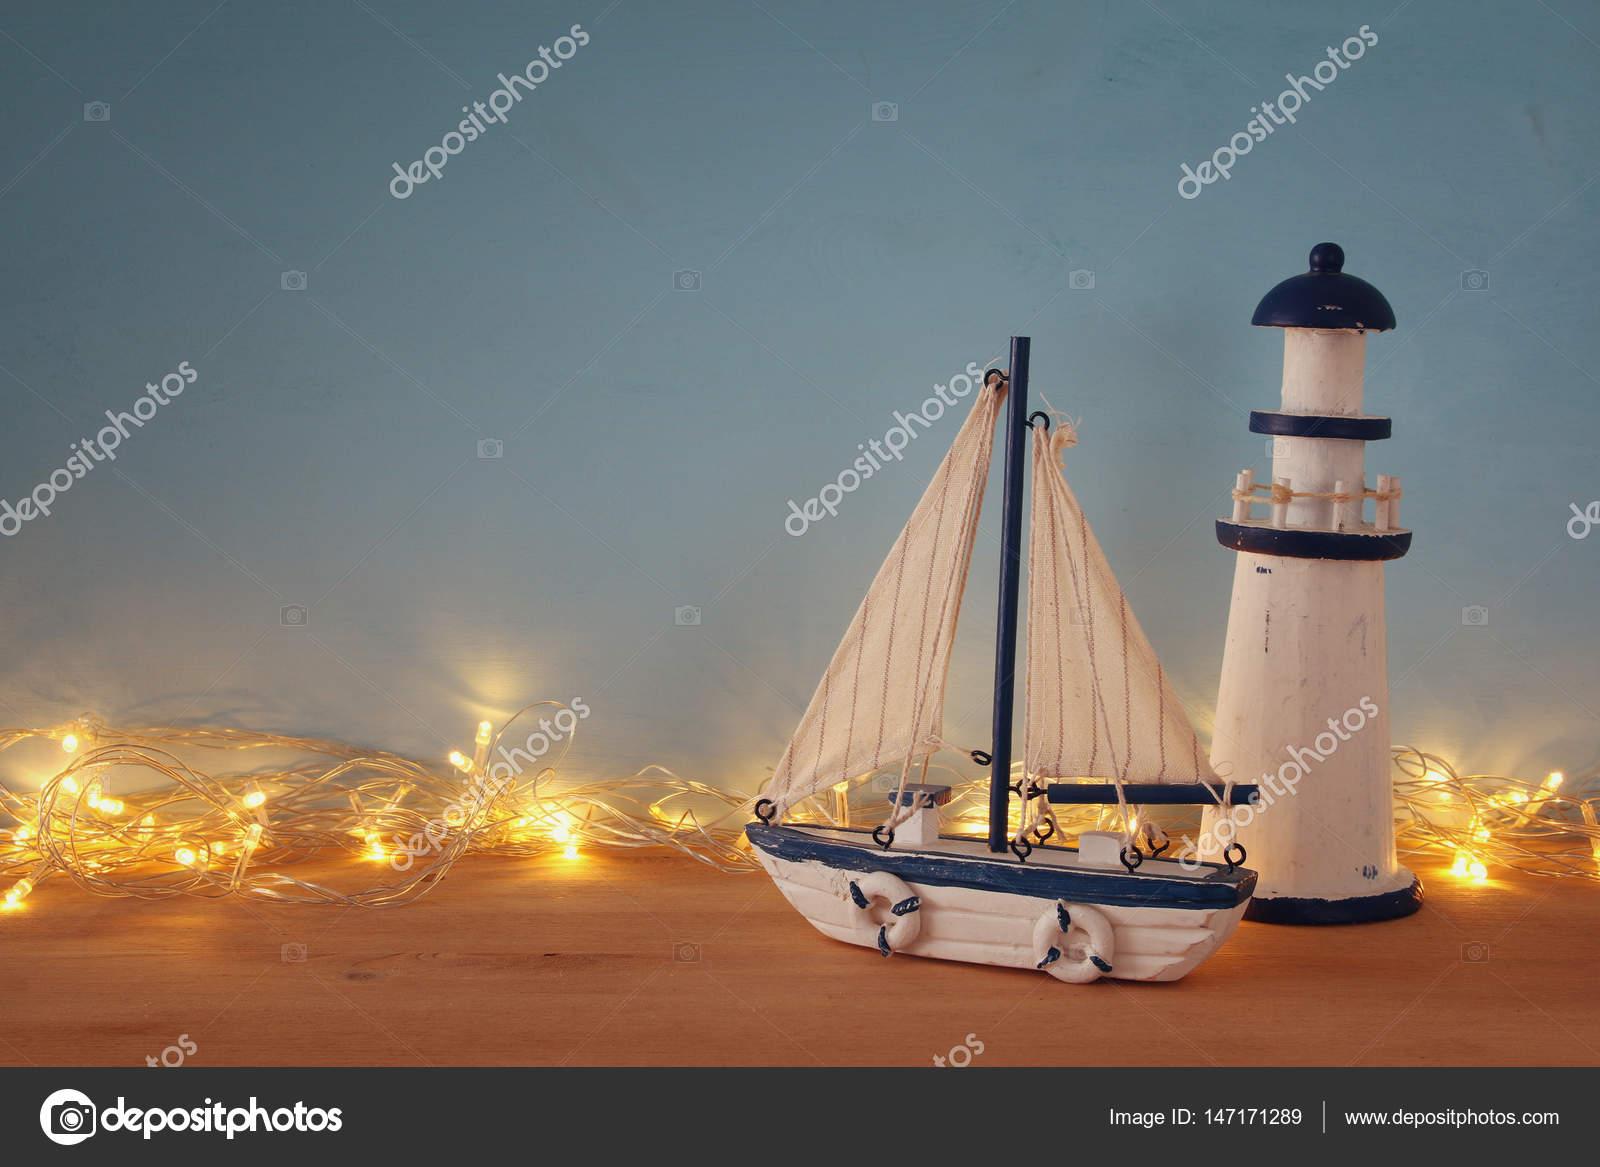 https://st3.depositphotos.com/1741969/14717/i/1600/depositphotos_147171289-stockafbeelding-nautische-concept-met-sea-life.jpg